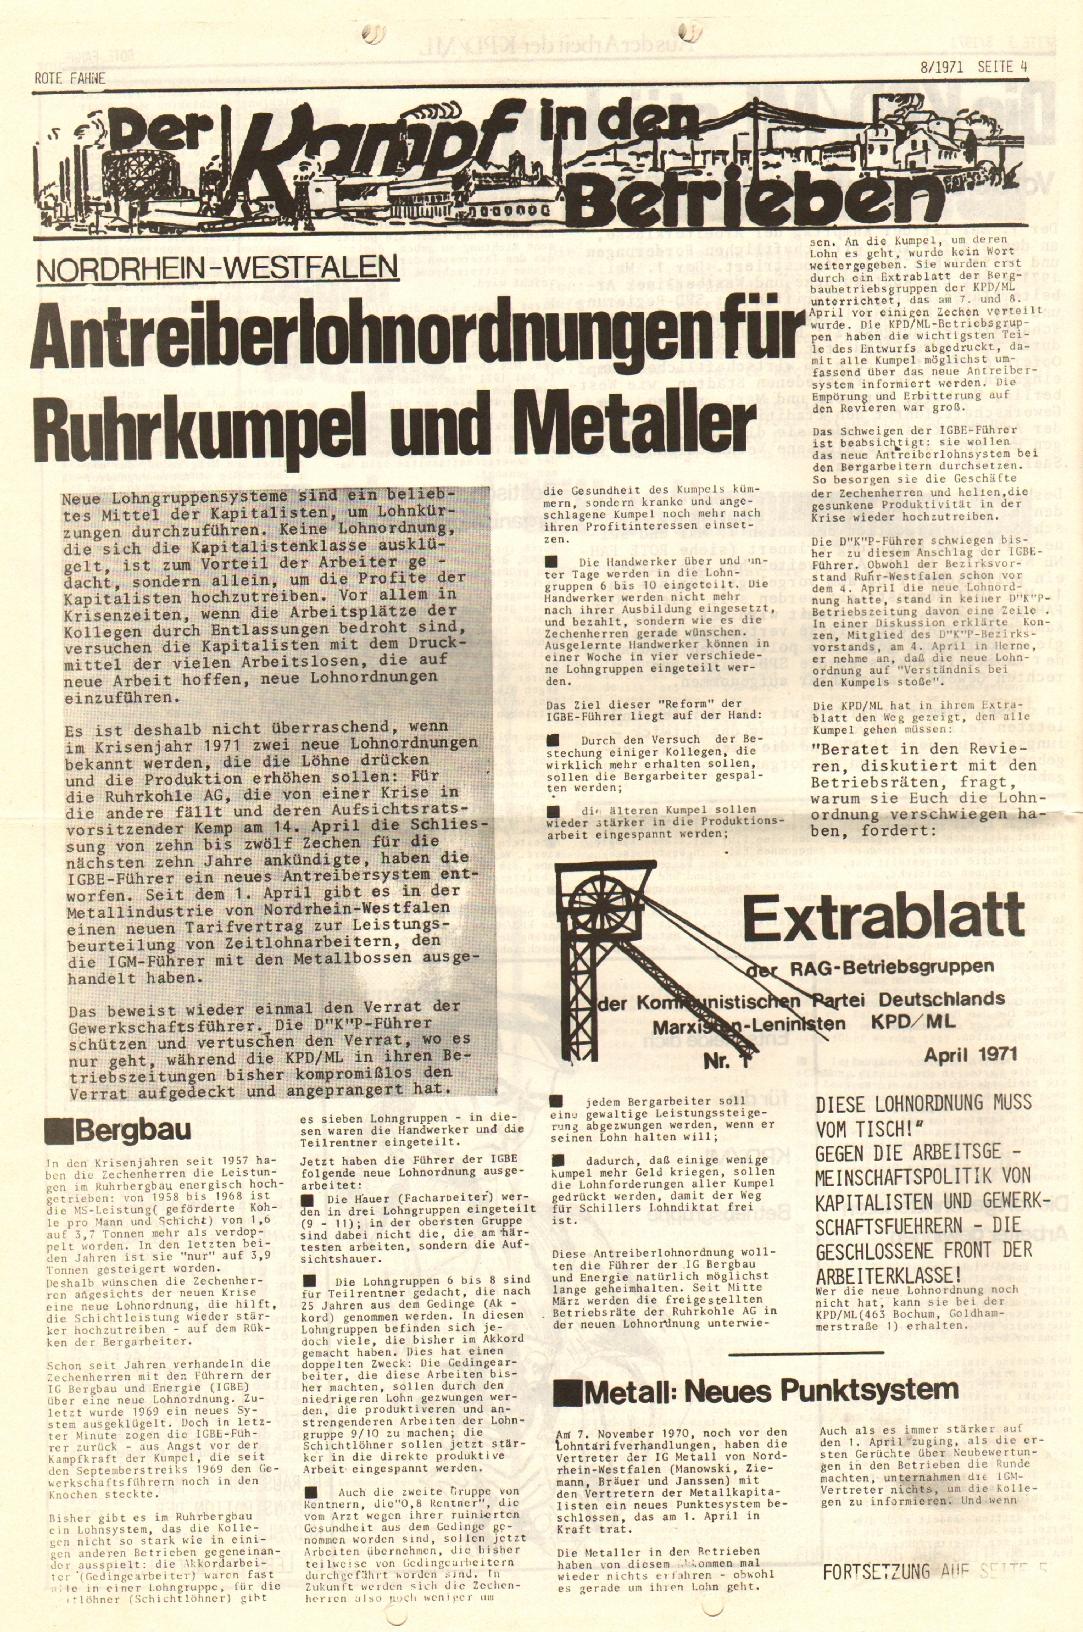 Rote Fahne, 2. Jg., 26.4.1971, Nr. 8, Seite 4